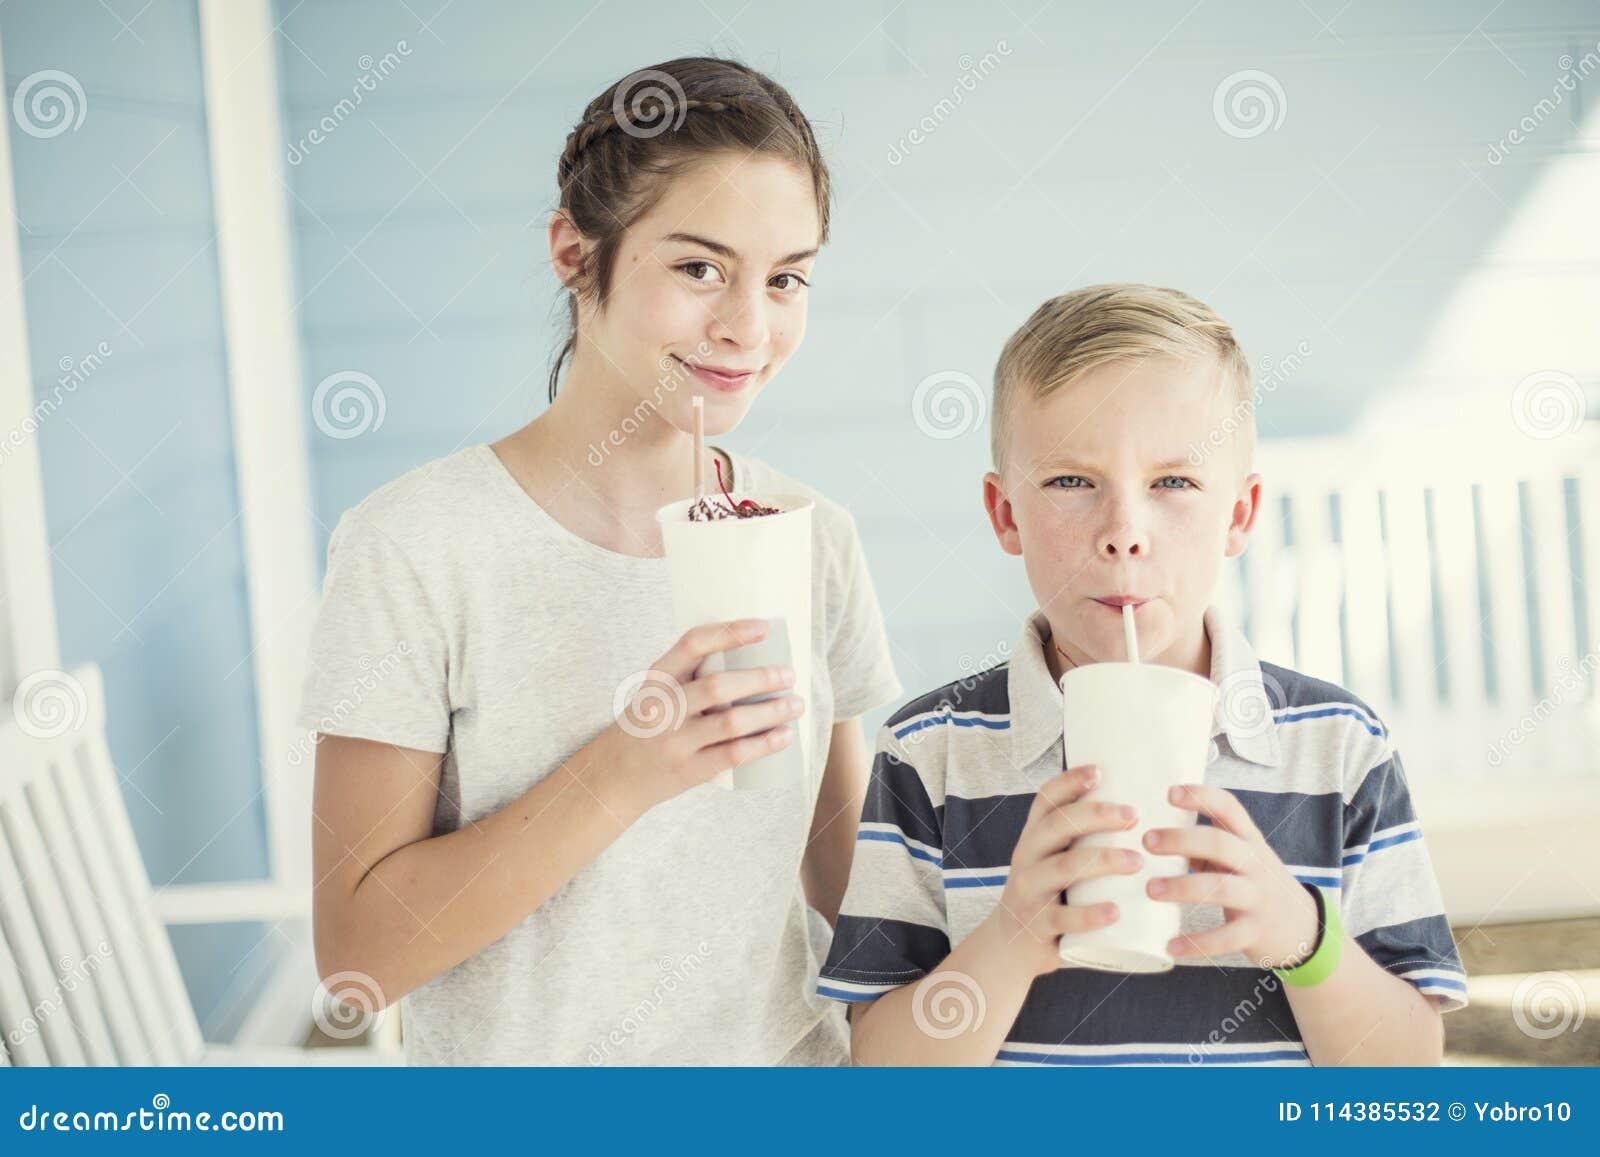 Cute kids drinking milkshakes or flavored drinks together